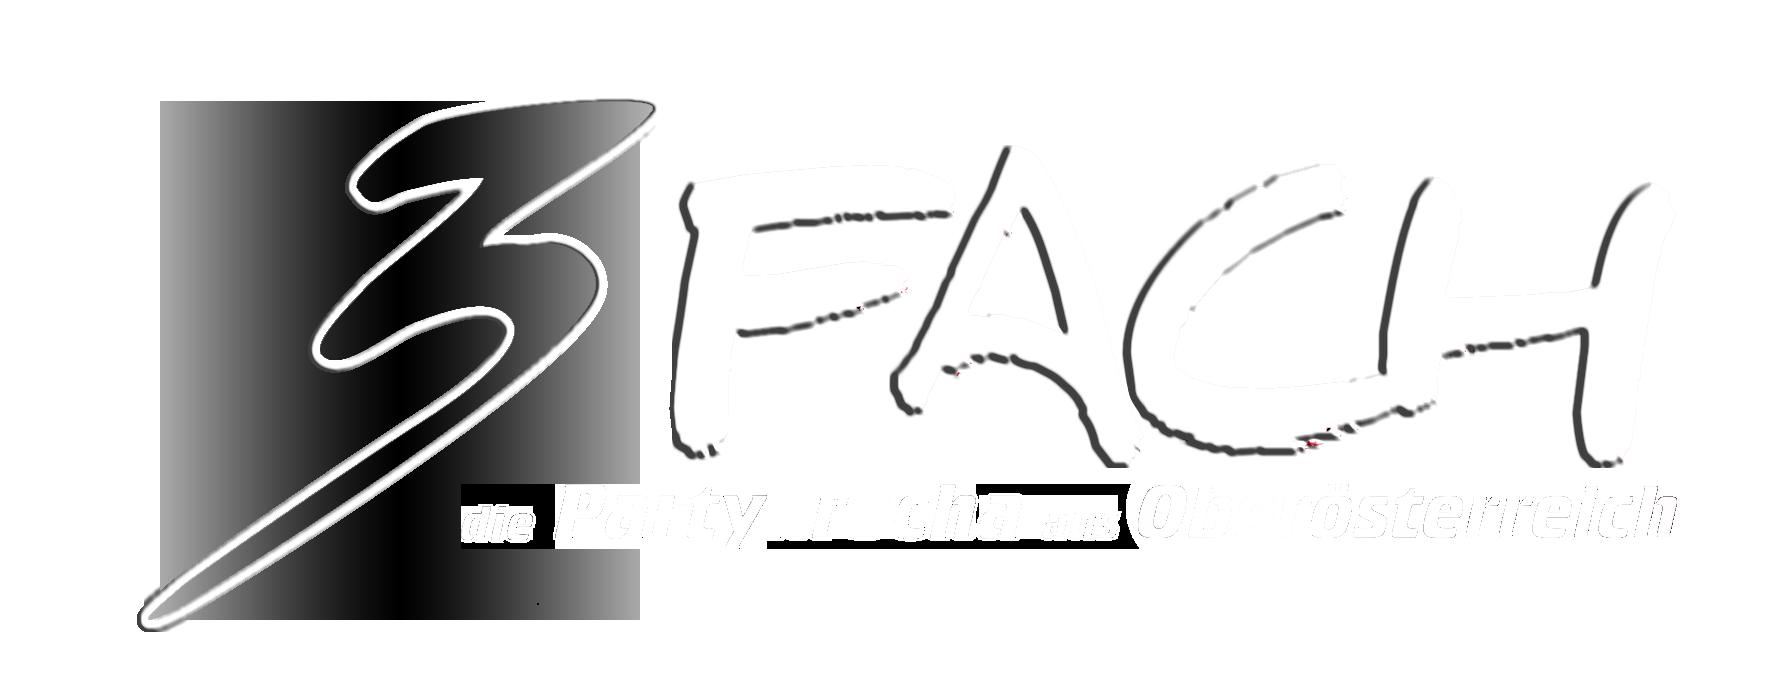 Dreifach die Partykrocha